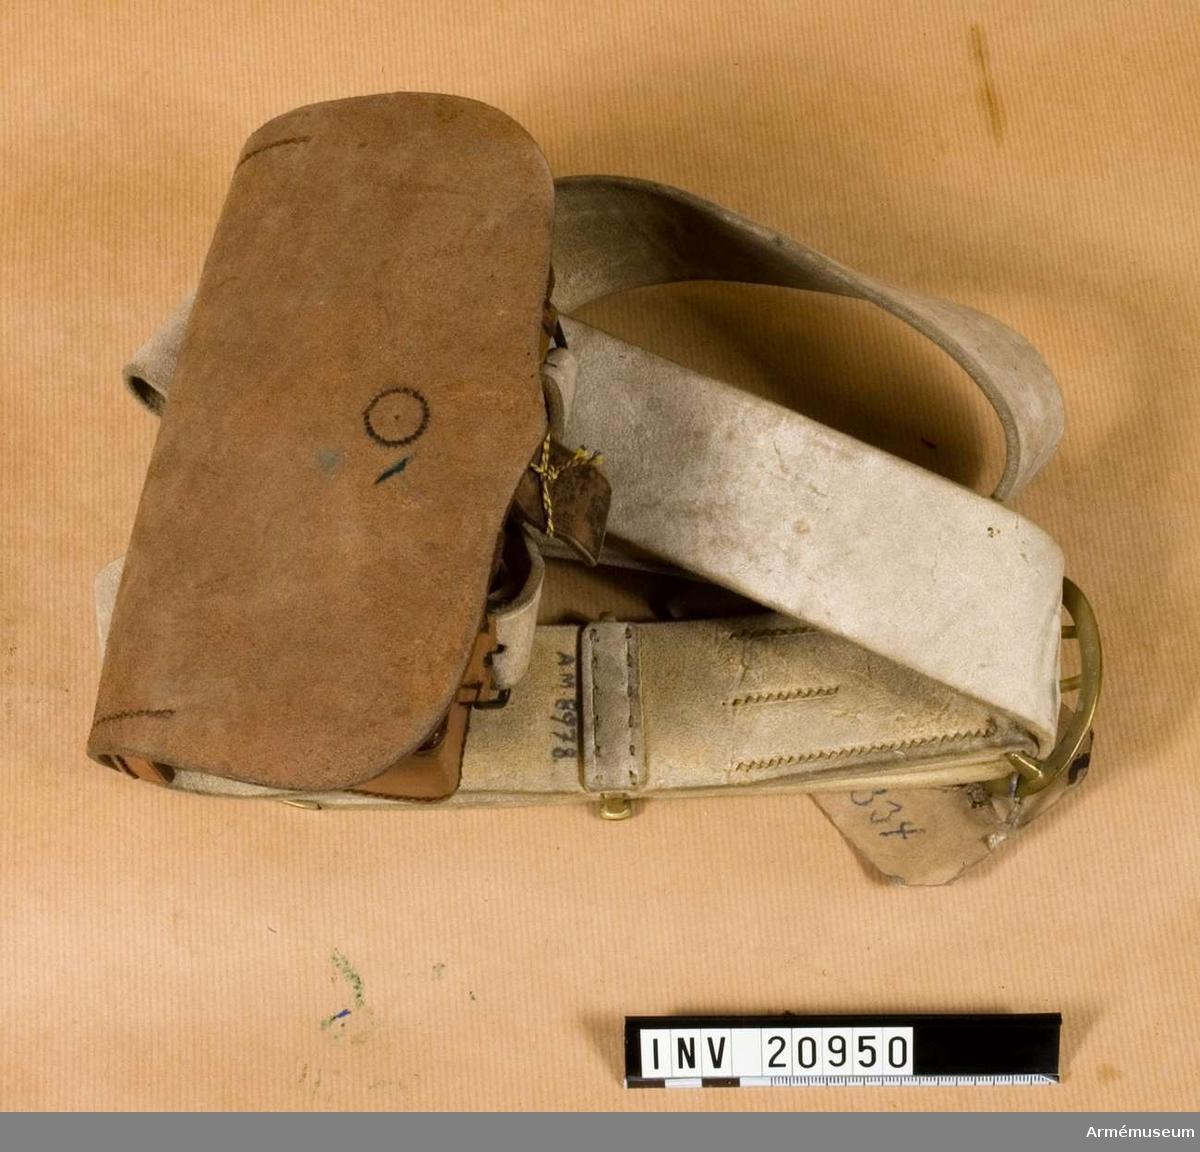 """Grupp C II. För dragoner, husarer, ulaner och reservkavalleri, Tyskland. Patronväska av brunt läder. Lock med en liten bit läder med  knapphål för stängning. Locket har text """"Loh, Berlin"""". Väskan som inuti har 20 fästen för patroner (karbin m/1871) infördes i tyska armén efter en dagorder av den 25 maj 1875. På väskan undersida två spännen för att fästa bandolär till väskan och en knapp av mässing för att stängning. På baksidan en läderbit med knapphål för sammankoppling med vapenrock. Rem av vit älghud med ovala spännen och beslag av 5 cm bred mässing. På ändarna två smala remmar för att koppla remmen vid  väskan. LITT  Das Deutsche Reichscheer. G Krickel, Berlin. Sida 83, 99. Patronväska infördes efter dagorder 27 maj 1875, för patroner till karbin m/71 - för dragoner, husarer och ulaner - år 1836.  I indenturen färgades icke patronväskorna som denna, i brun läderfärg, endast när de kom till regementena färgades och lackerades de i svart. Patronväskan har en kartongetikett med text """"Kartusche mit Bandoljer für Dragonen, Husaren und Reserven-Kavallerien. Berlin 1876. Militair-oneconomin Departament Abteilung für die Bekleidungs Angelegenheiten"""". Underskrift. """"ad Nr 104/1 MOD3"""". Enl Granberg."""